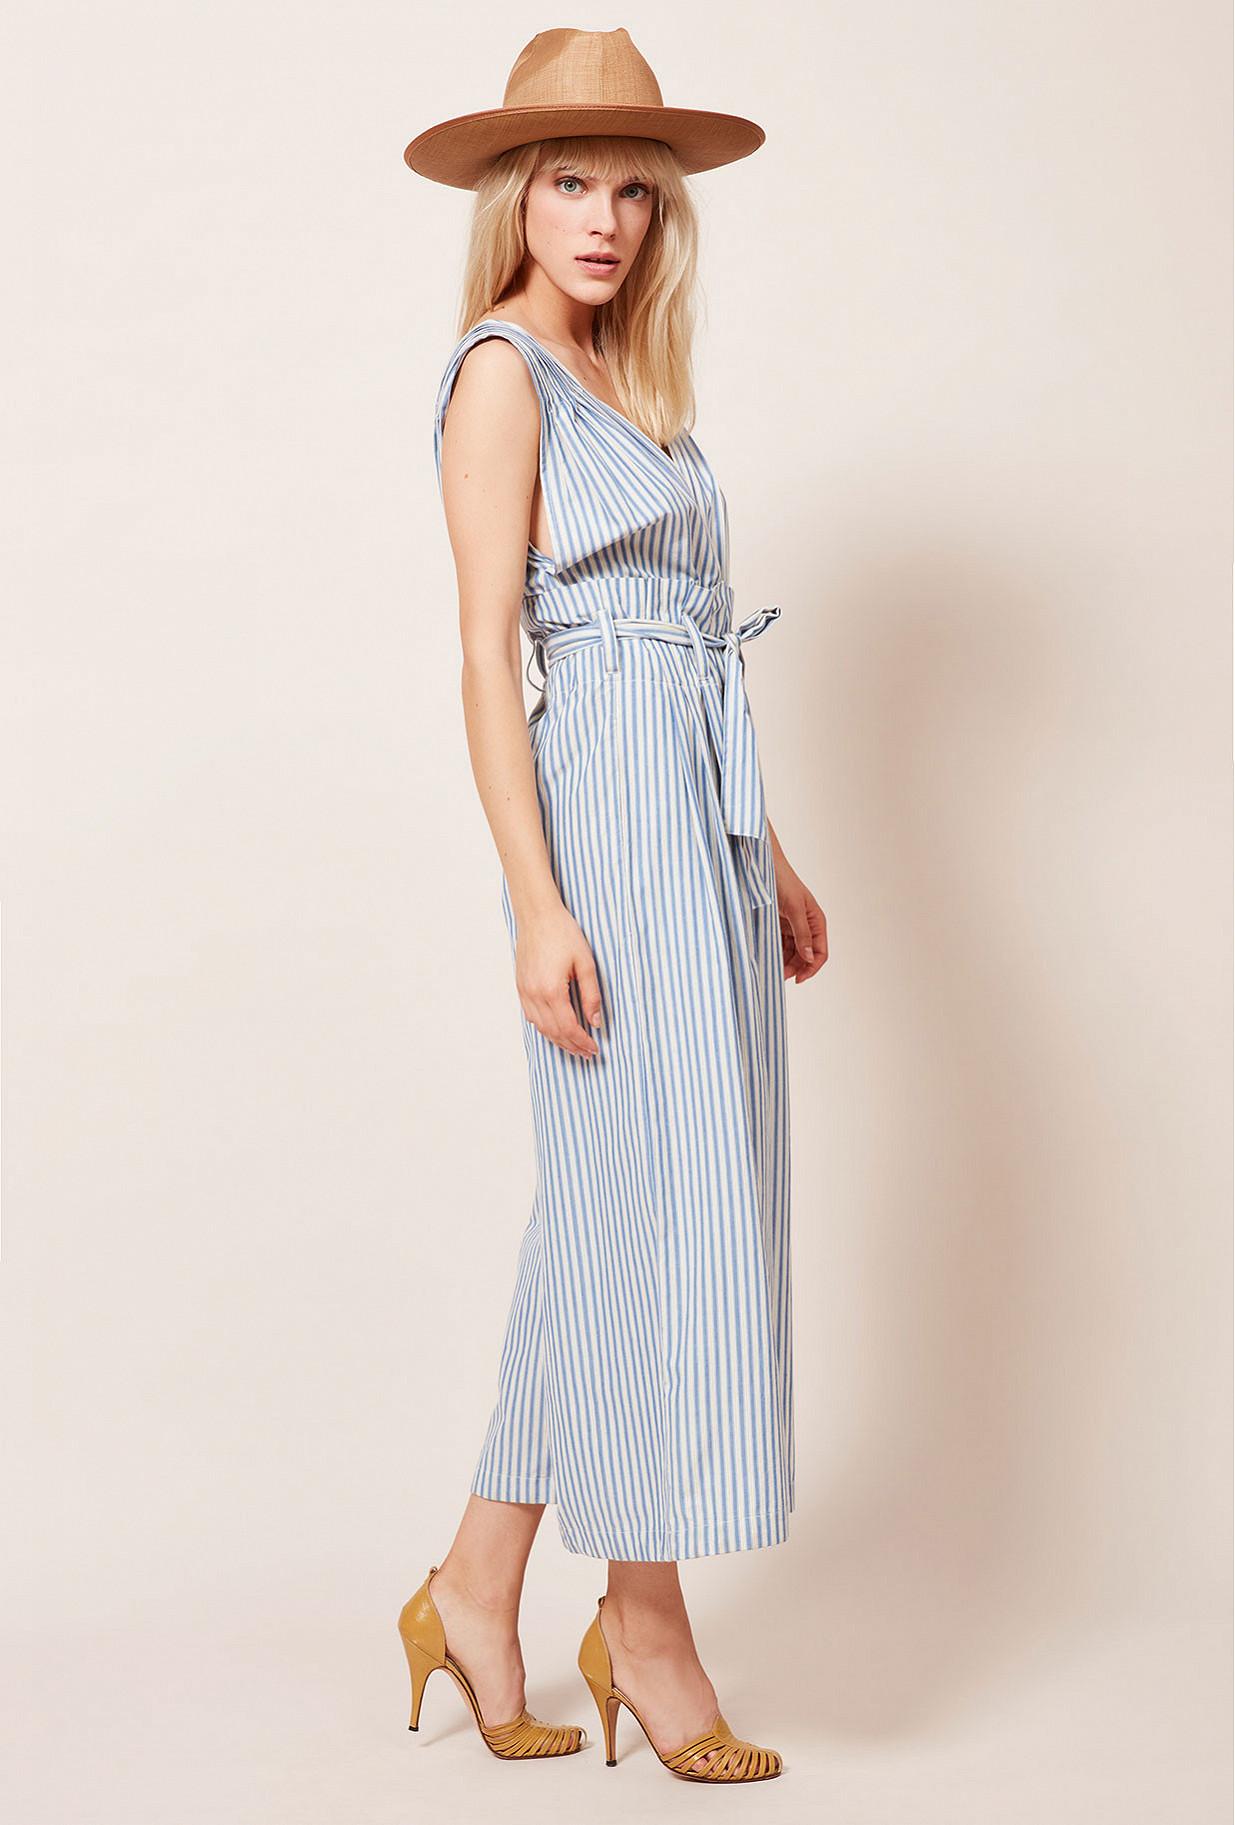 Blue stripe Jumpsuit Classic Mes Demoiselles Paris